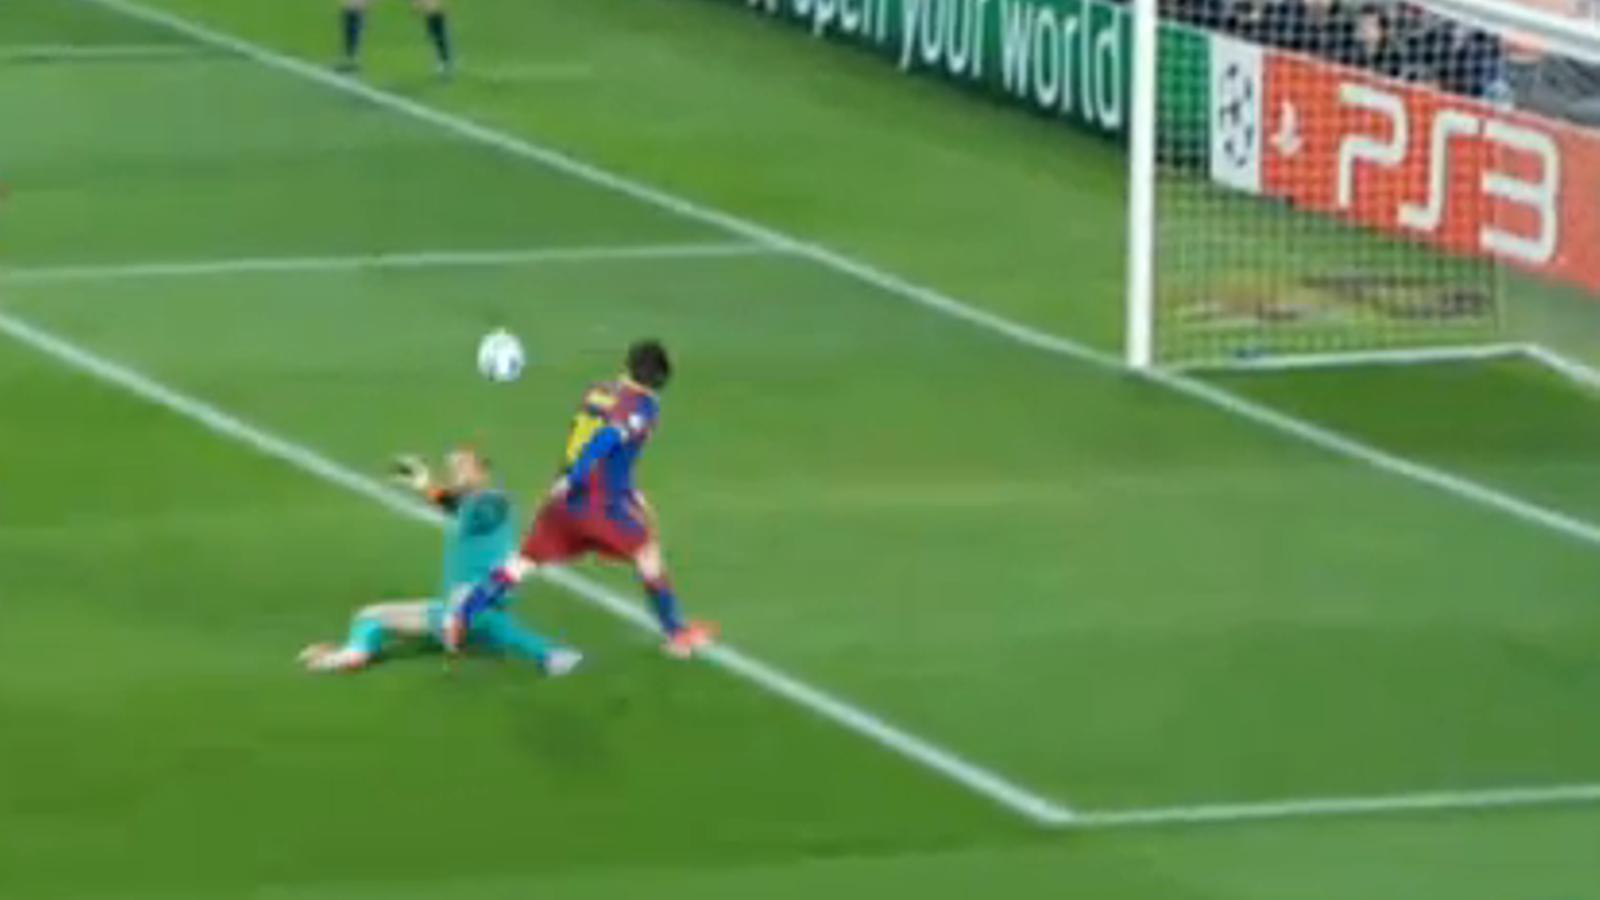 El gol de Messi a l'Arsenal, candidat a millor gol de 2011.